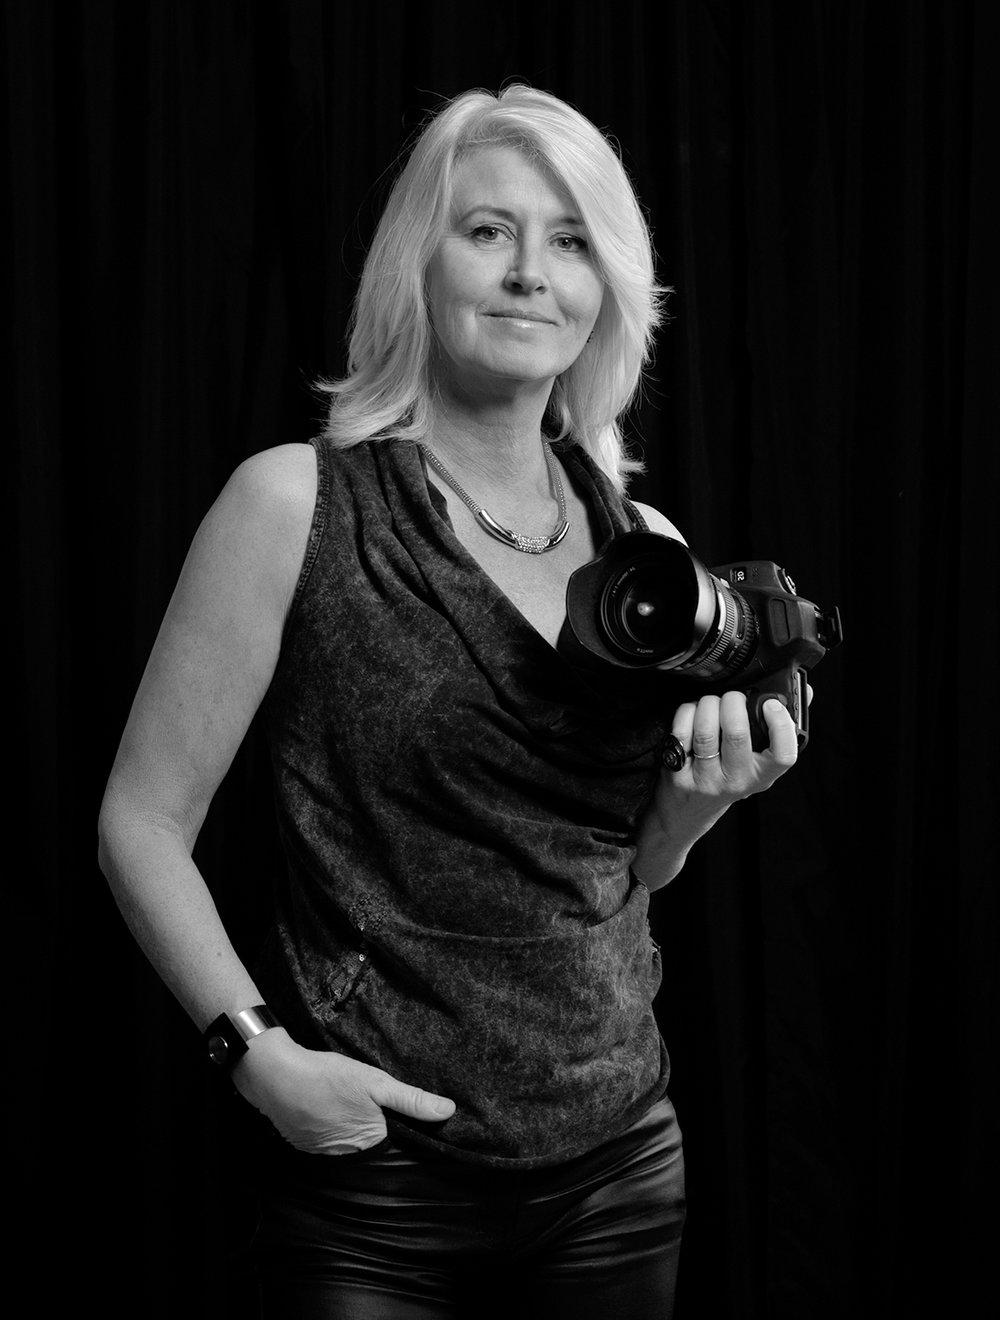 FOTOGRAFE JEANNETTE MAAKT GLAMOUR, NAAKT EN EROTISCHE FOTOGRAFIE VANUIT HAAR STUDIO IN ZEIST